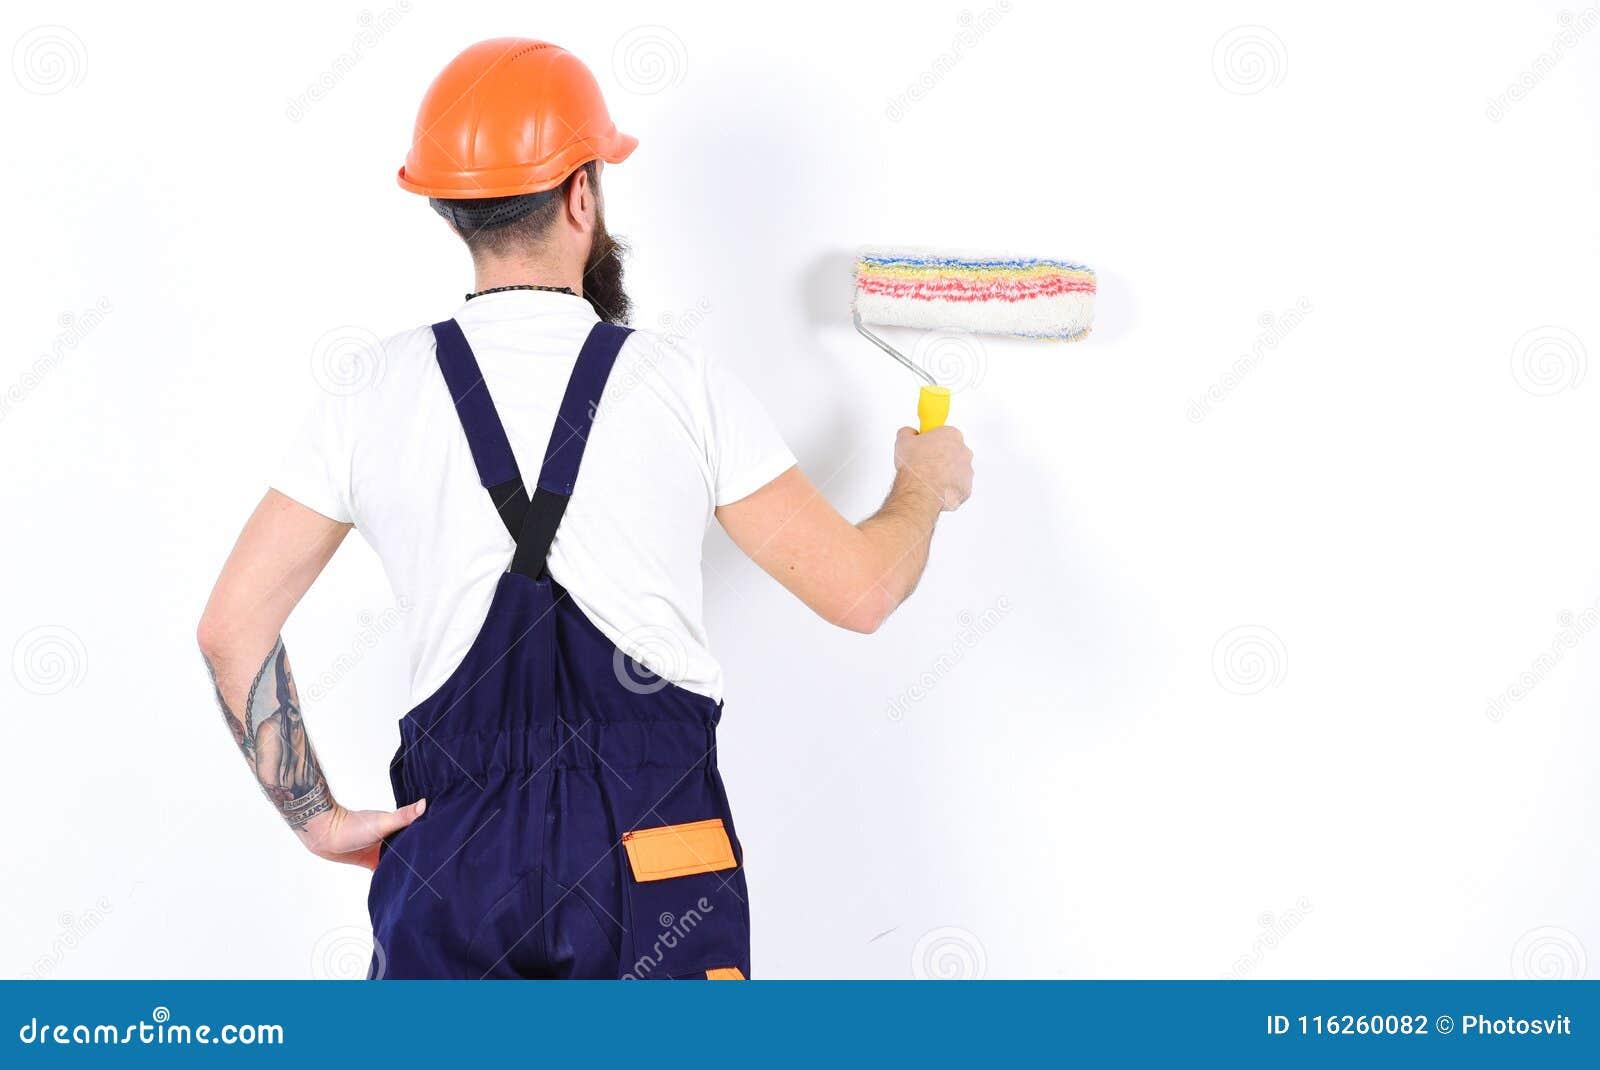 Malarz, decorator, pracownik budowlany pracuje przed biel ścianą, trzyma farba rolownika, biały tło odświeżanie